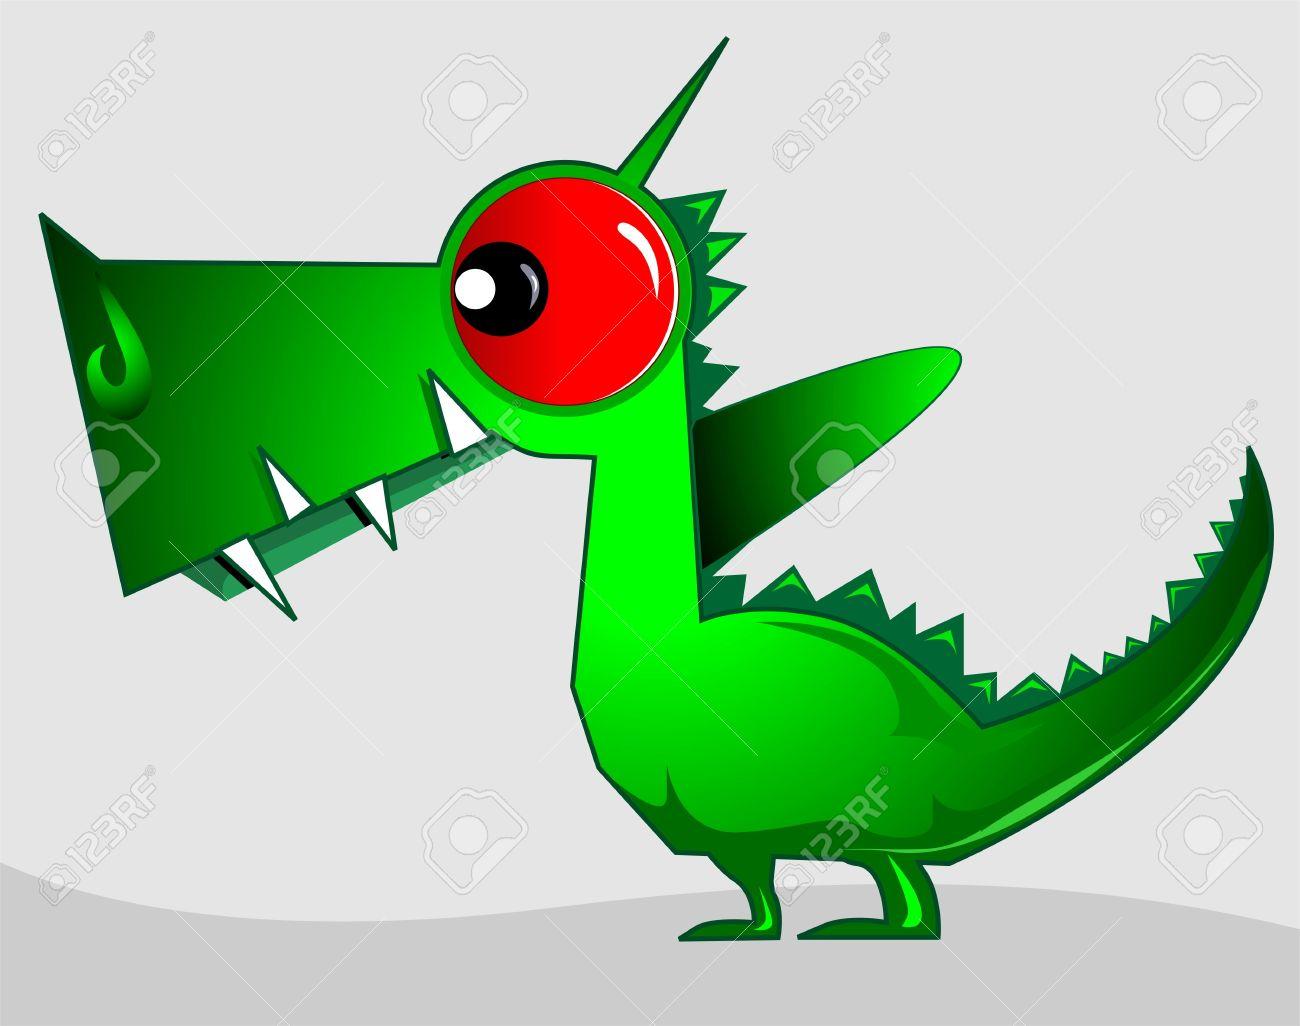 Illustration of fantasy of a green dinosaur Stock Illustration - 3389231